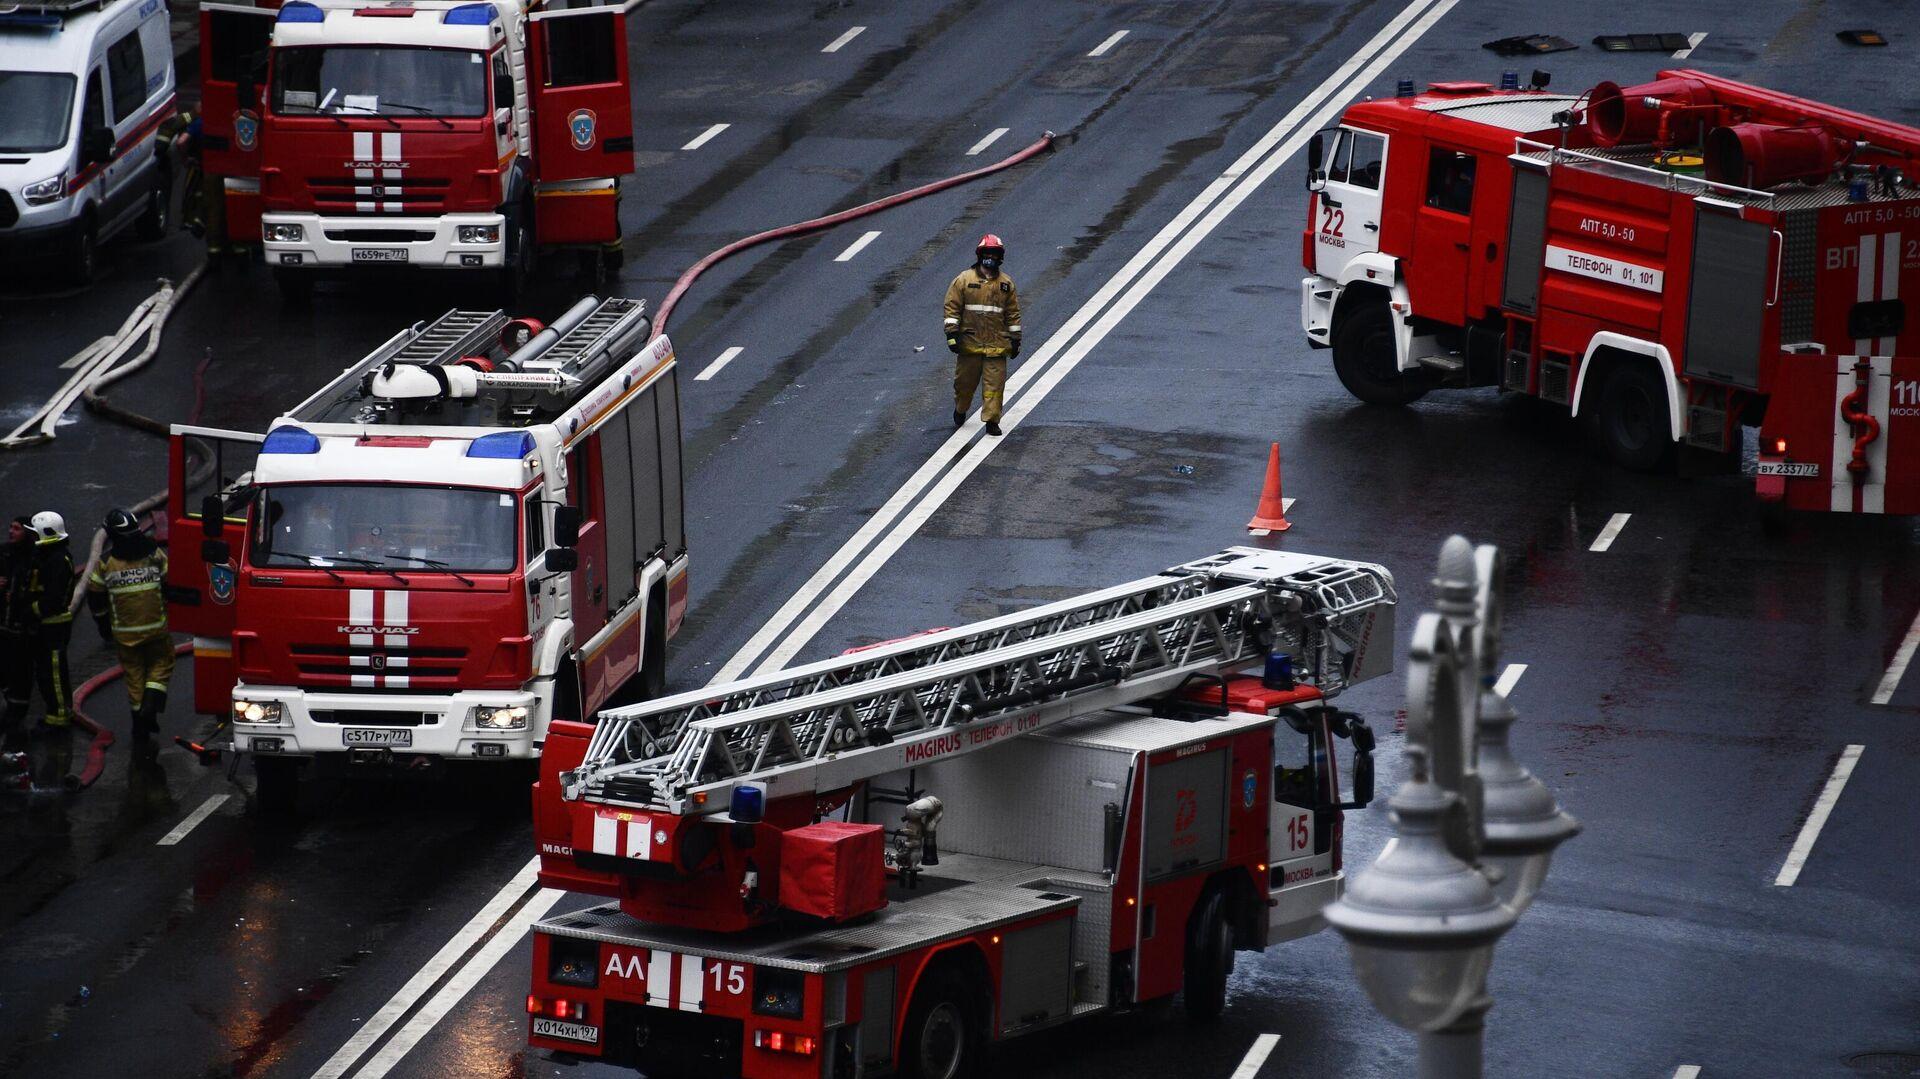 Кафе загорелось на Профсоюзной улице в Москве